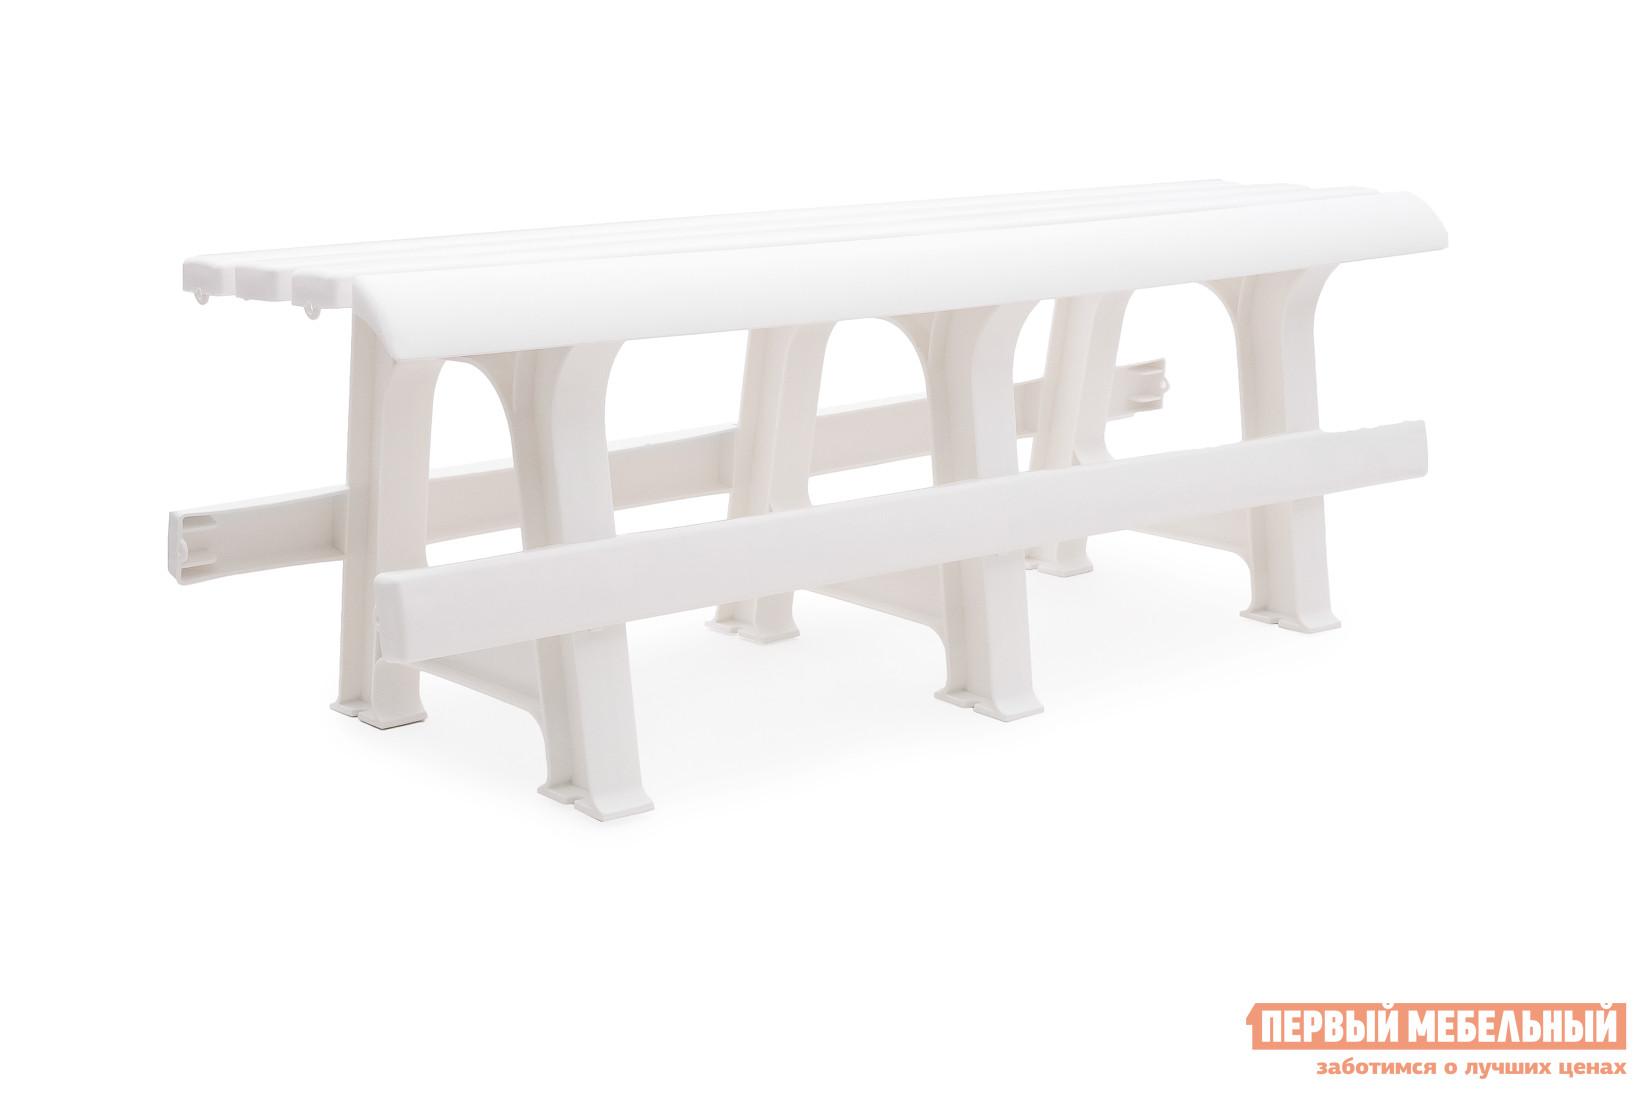 Скамейка Стандарт Пластик Скамья №3 (1200х400х420) мм БелыйСкамейки и лавочки<br>Габаритные размеры ВхШхГ 400x1200x420 мм. Пластиковая садовая скамья упрощенного дизайна, без спинки, станет гармоничным дополнением для загородного участка или сада.  Оформление сидения обеспечивает отличную вентиляцию, благодаря этому на скамье удобно сидеть даже в жаркую погоду.  Скамья отлично подойдет для установки за столом.  Мебельные изделия из пластика демократичны, хорошо подходят для меблировки дачи, зоны отдыха или летнего кафе.  Скамья обладает хорошей прочностью и выдержит нагрузку до 250 кг.  Пластиковая мебель не боится перепадов температур, повышенной влажности.  Такая мебель станет верным союзником в комфортном и гармоничном отдыхе.<br><br>Цвет: Белый<br>Высота мм: 400<br>Ширина мм: 1200<br>Глубина мм: 420<br>Кол-во упаковок: 1<br>Форма поставки: В собранном виде<br>Срок гарантии: 1 год<br>Тип: Без спинки<br>Назначение: Для дачи<br>Назначение: Для сада<br>Материал: Пластик<br>Размер: Маленькие<br>Размер: Узкие<br>Без подлокотников: Да